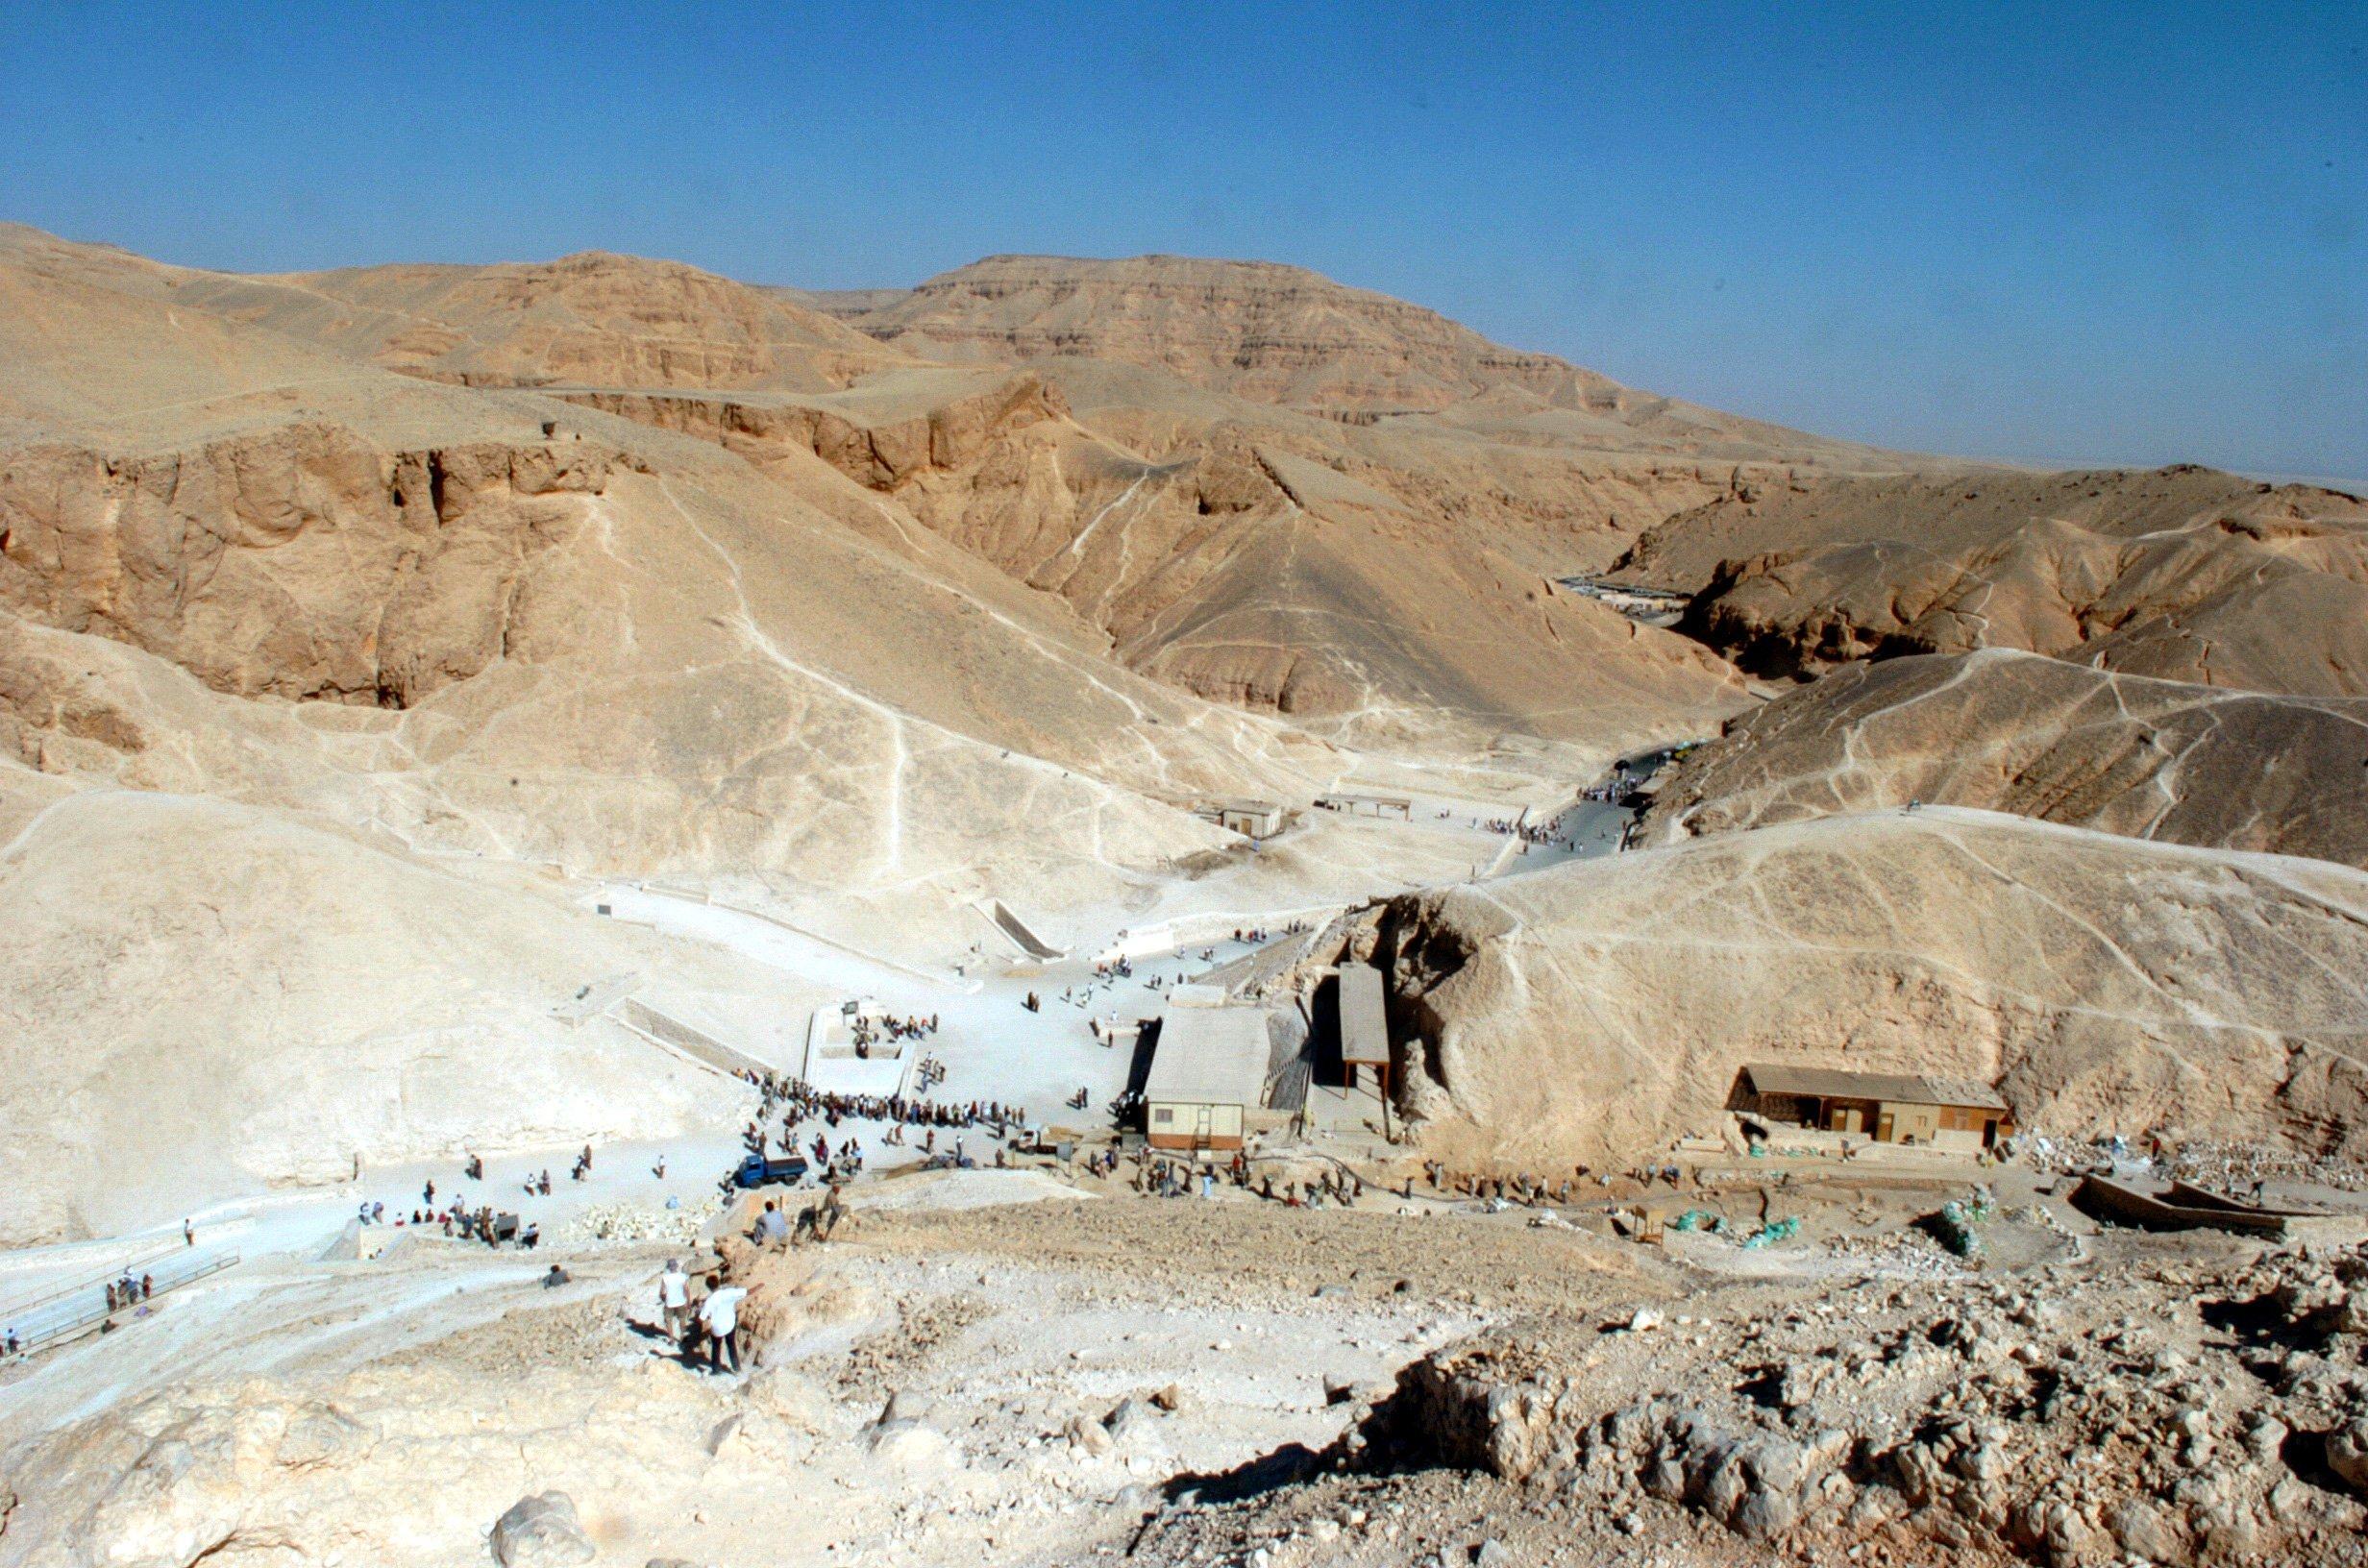 Das Tal der Könige bei Luxor in Ägypten: Die sterblichen Überreste von Nofretete wurden trotz aller Grabungen hier noch nicht gefunden. Aktuell wird spekuliert, ob sie sich möglicherweise hinter der Grabkammer Tutanchamuns befinden. Es wäre ein Jahrhundertfund.